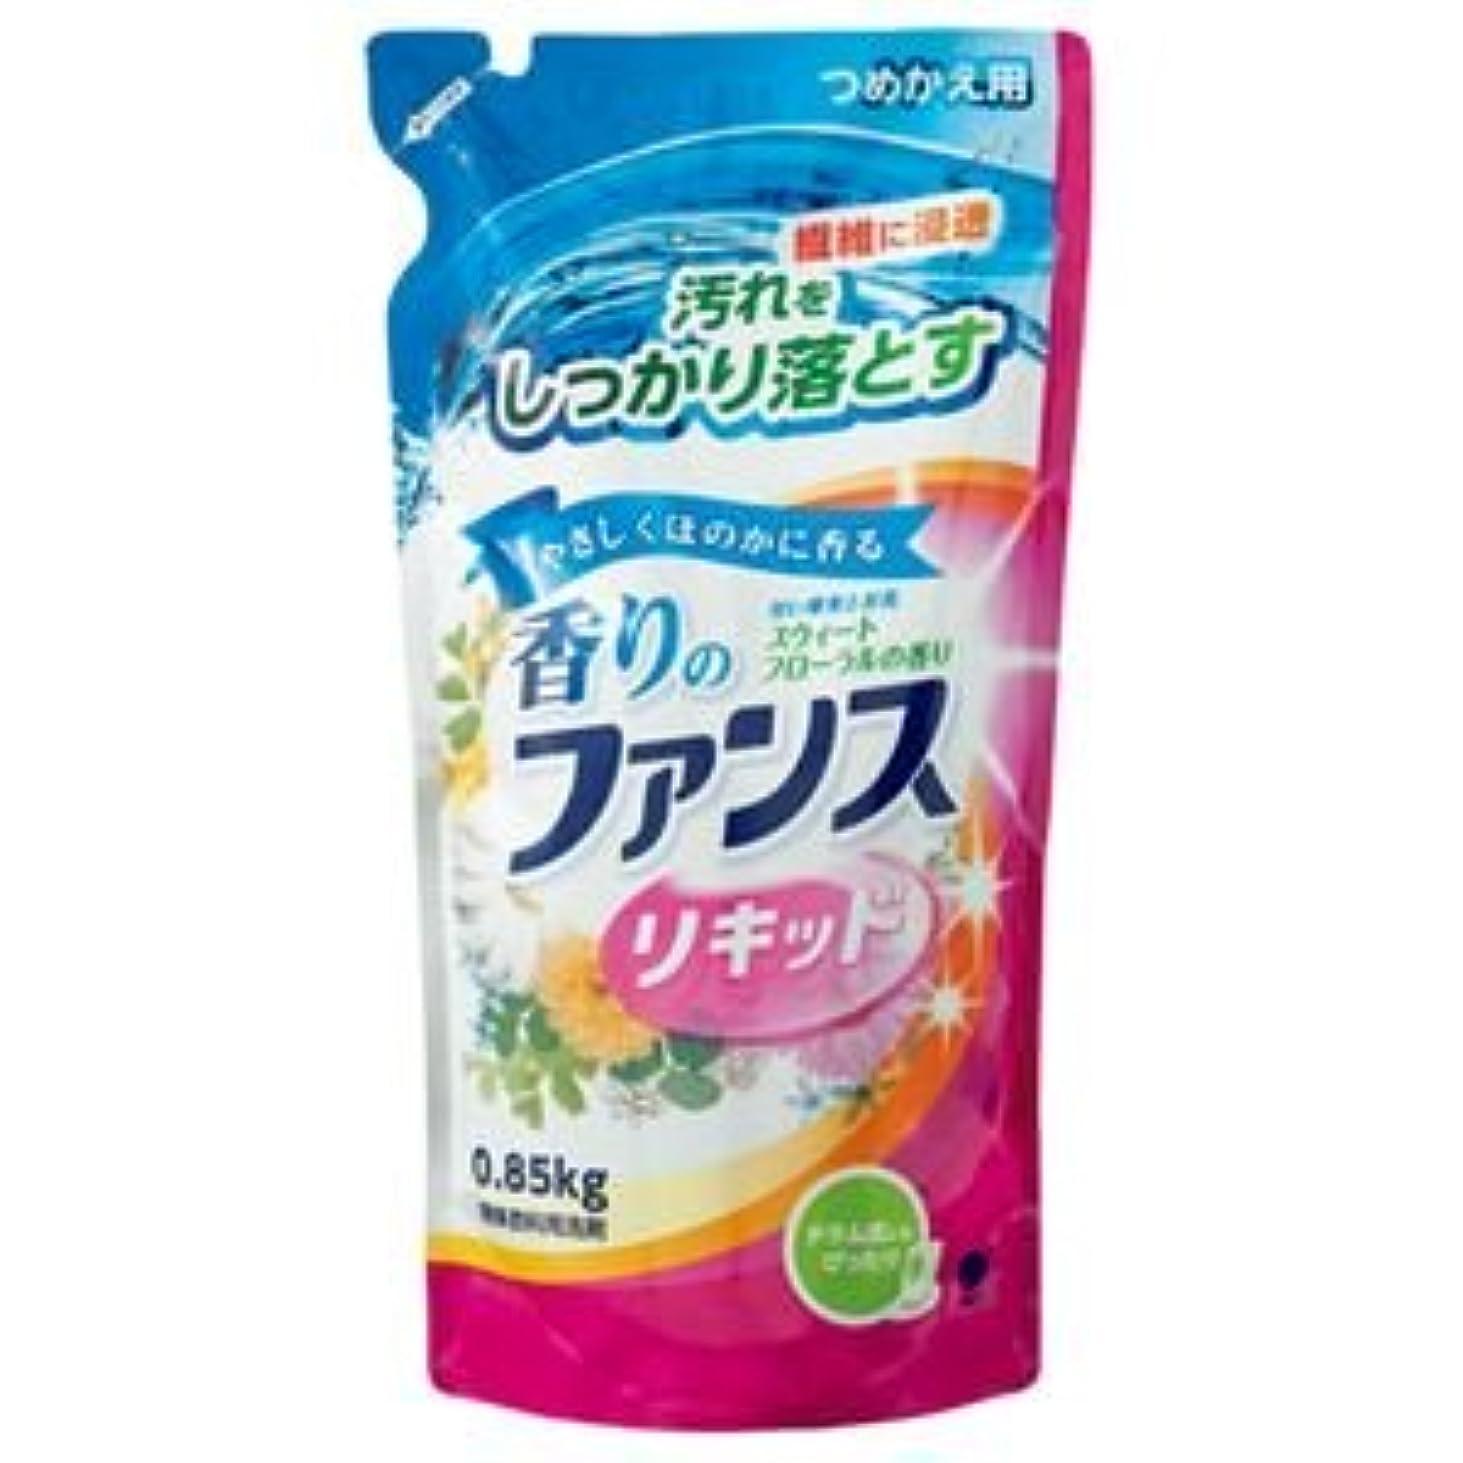 すべき遠洋のご意見(まとめ) 第一石鹸 香りのファンス 液体衣料用洗剤リキッド 詰替用 0.85kg 1個 【×15セット】